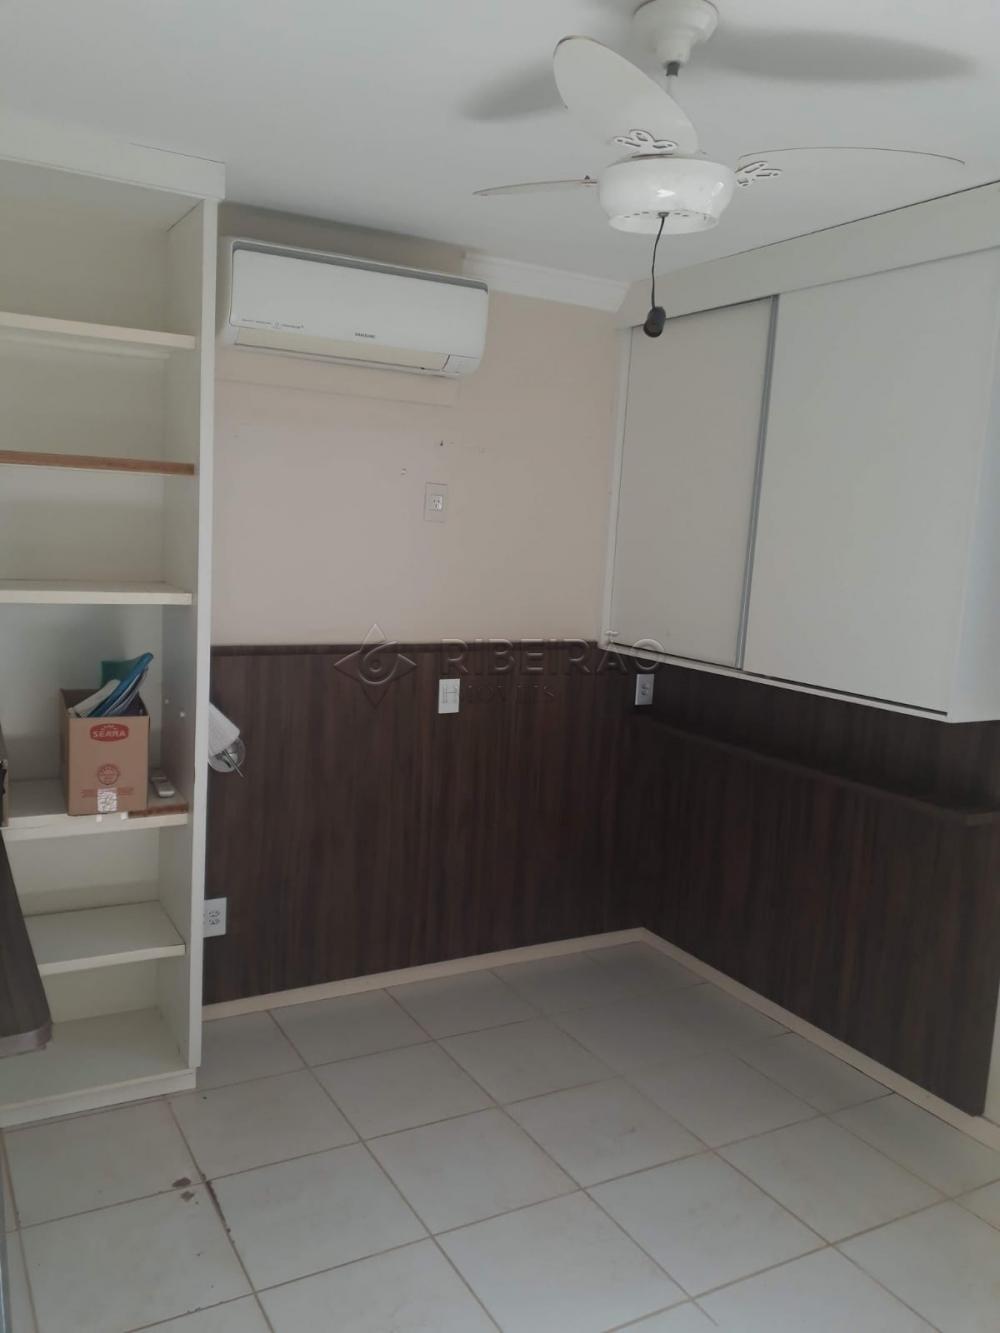 Comprar Apartamento / Padrão em Ribeirão Preto apenas R$ 600.000,00 - Foto 46